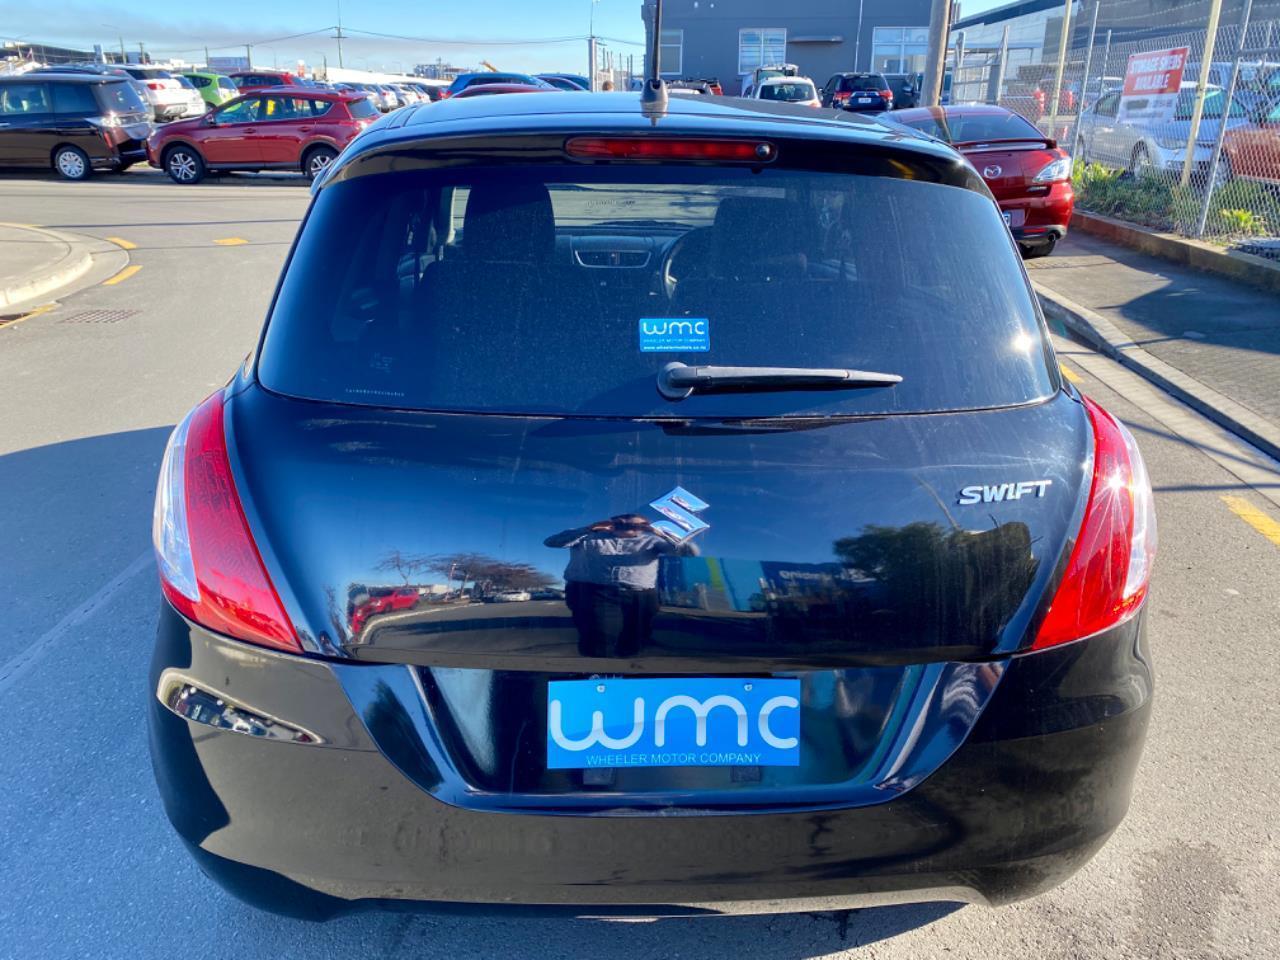 image-5, 2010 Suzuki Swift 1.2lt XL Hatchback at Christchurch